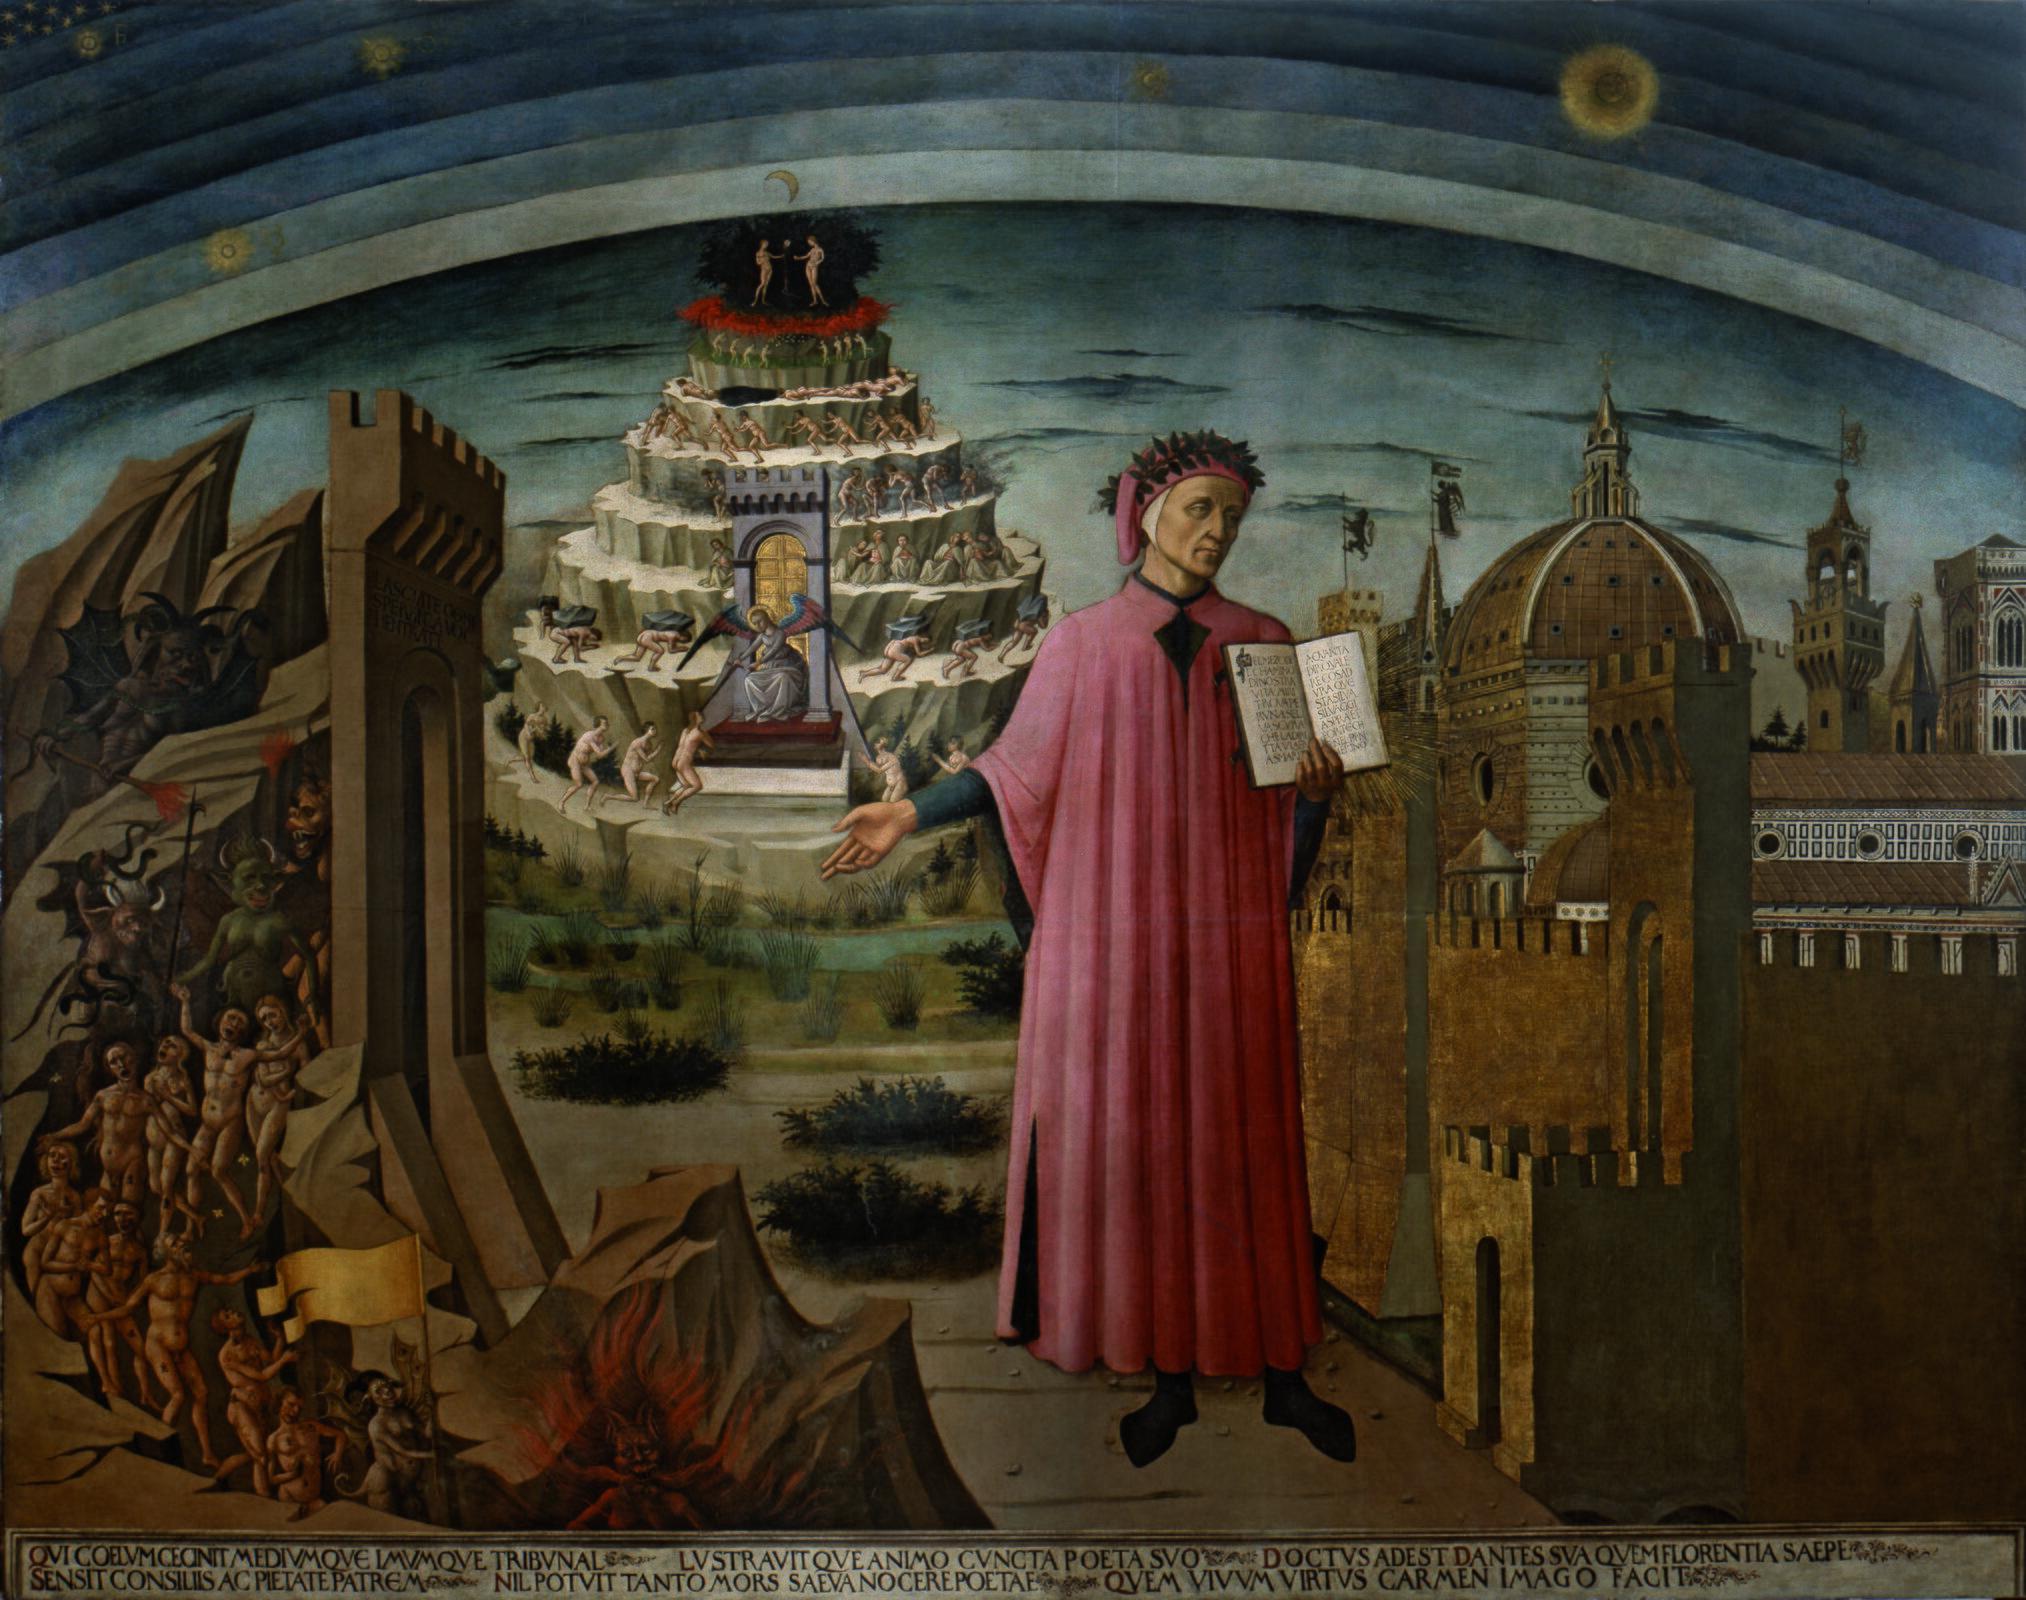 Boska komedia Dantego Źródło: Domenico di Michelino, Boska komedia Dantego, 1465, fresk, Santa Maria del Fiore we Florencji, domena publiczna.